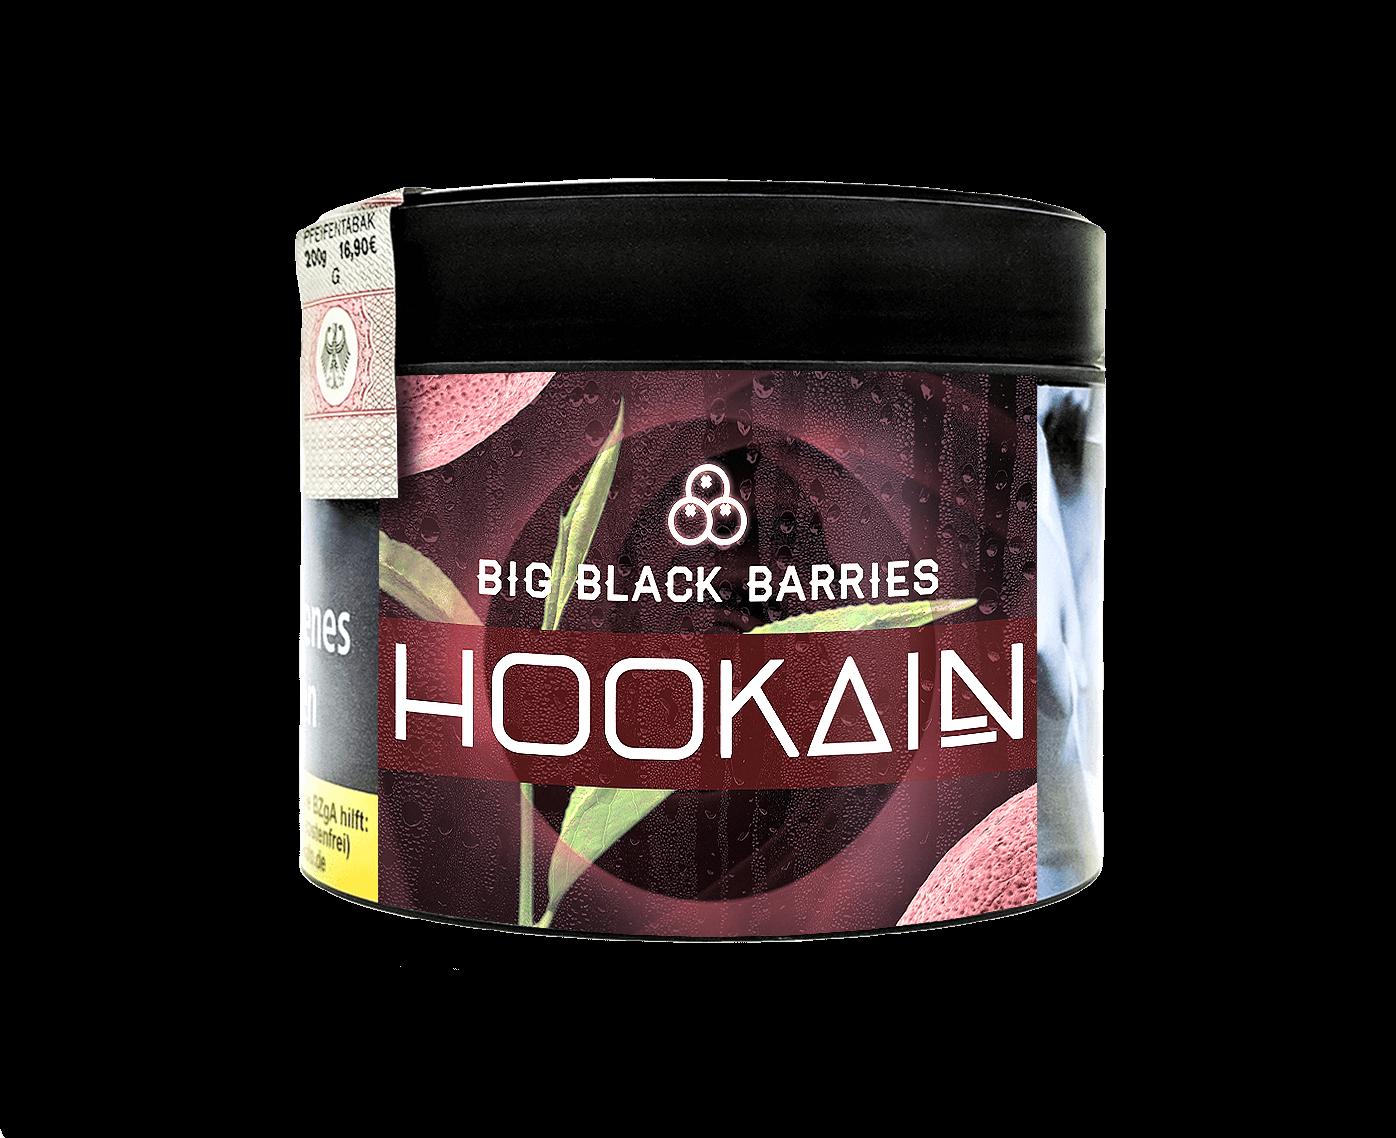 Hookain Big Black Barries 200g